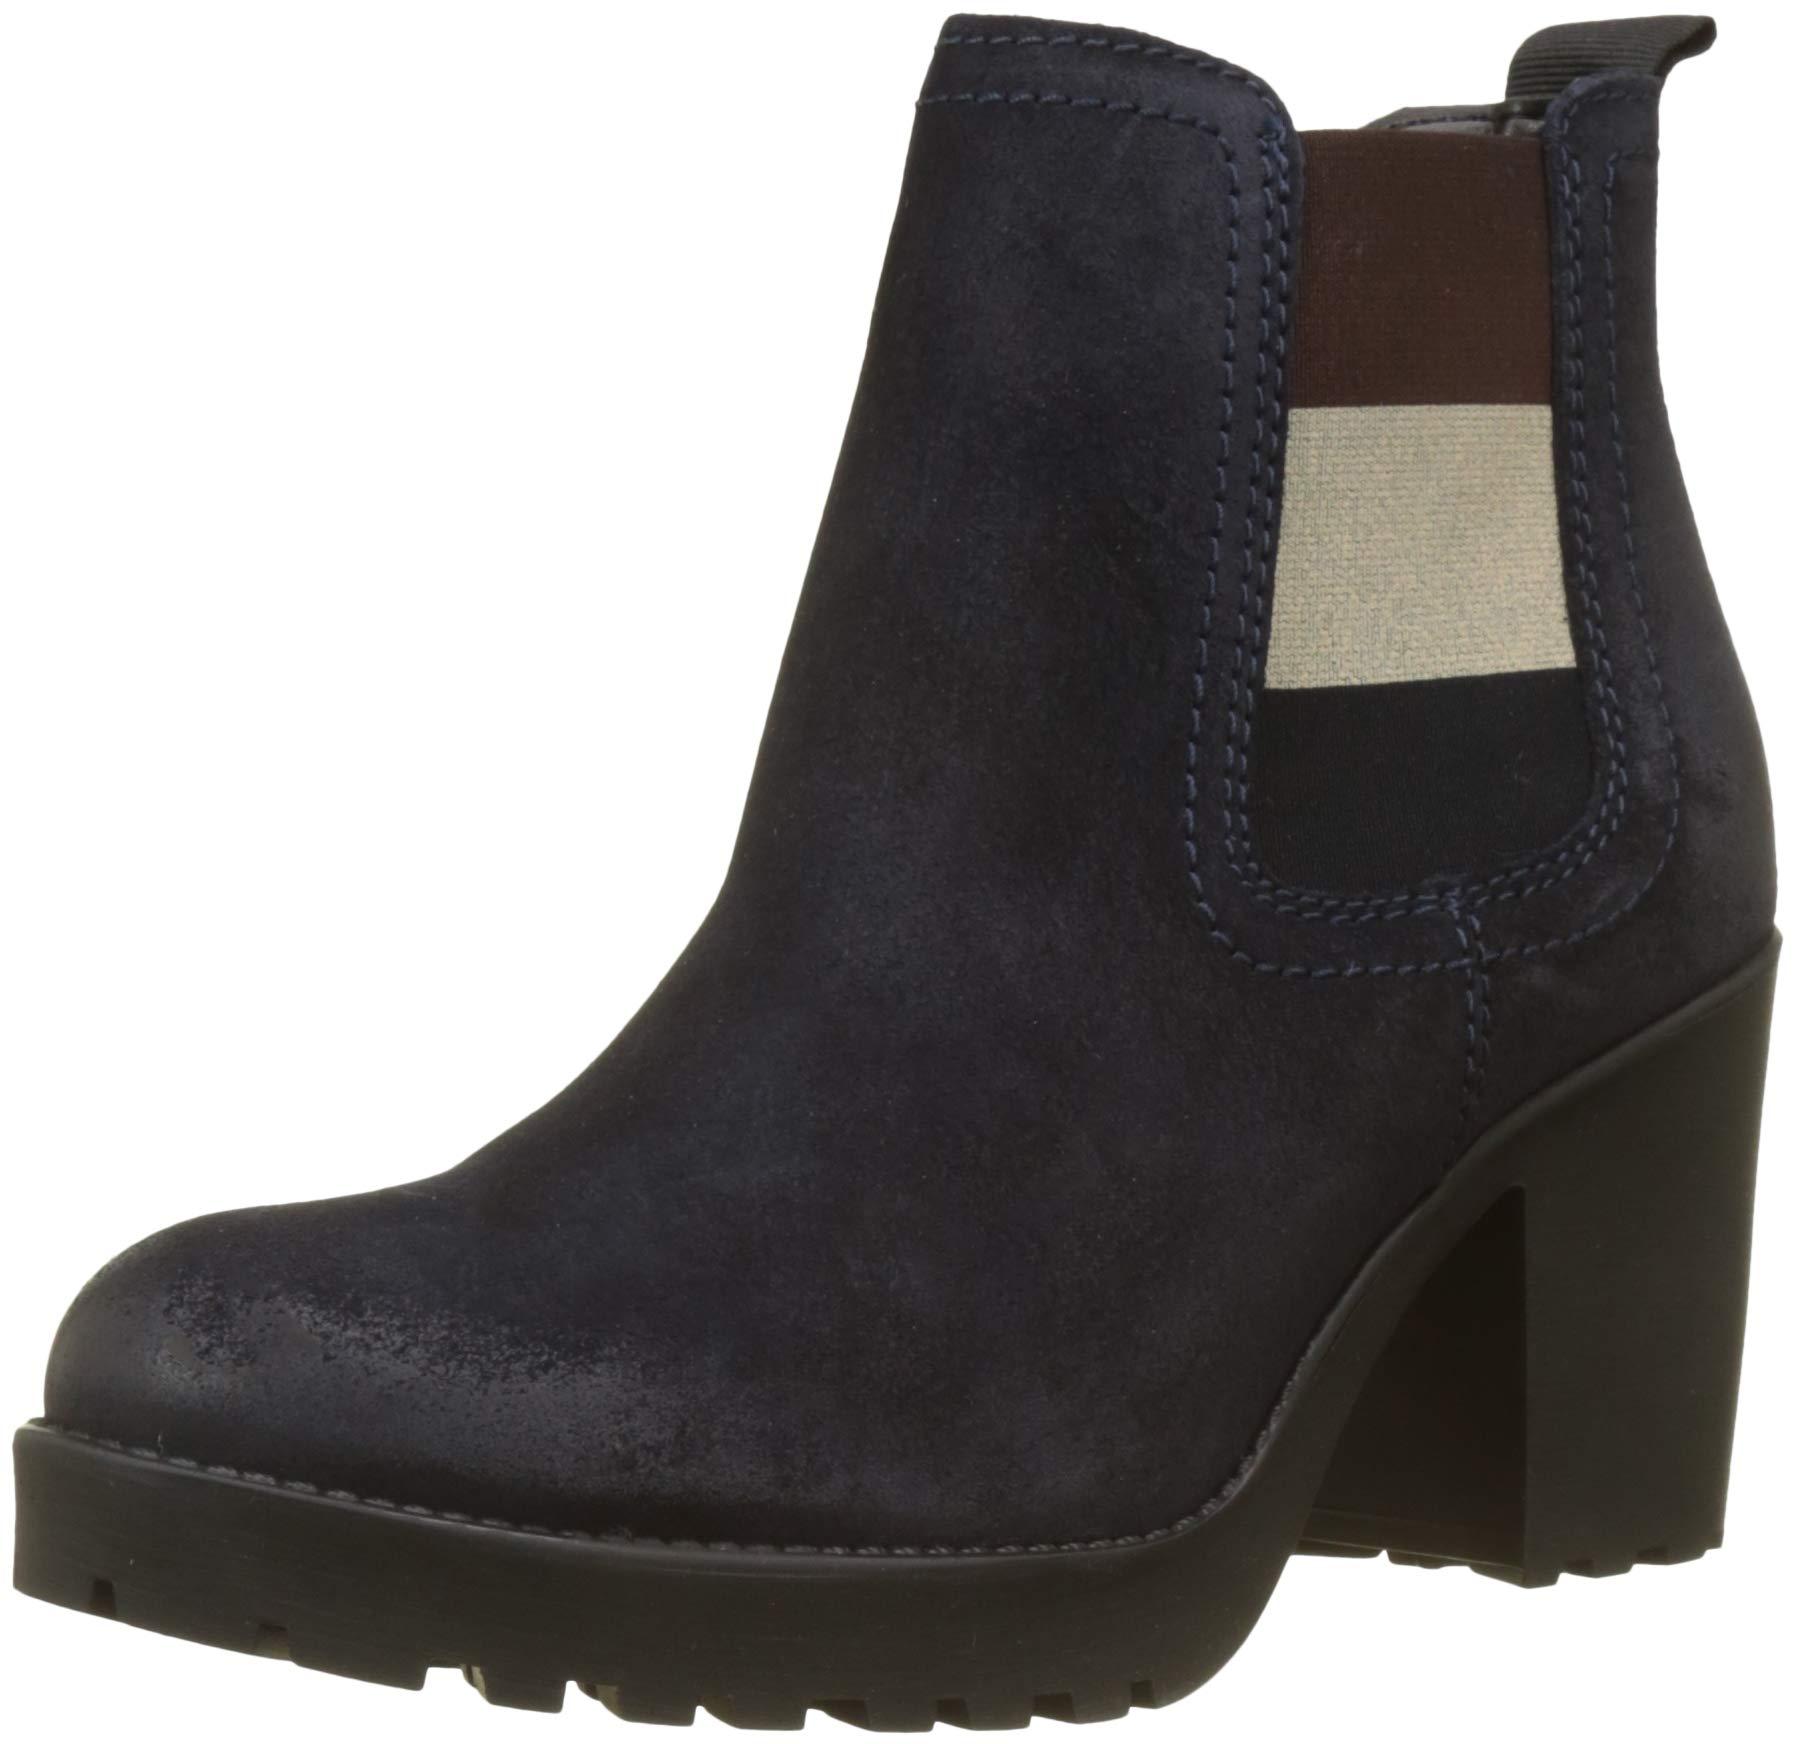 FemmeBleumidnight Eu Denim Jeans 40340 Essential Mid Heel Chelsea Hilfiger BootBottes Tommy qMVGzpSU